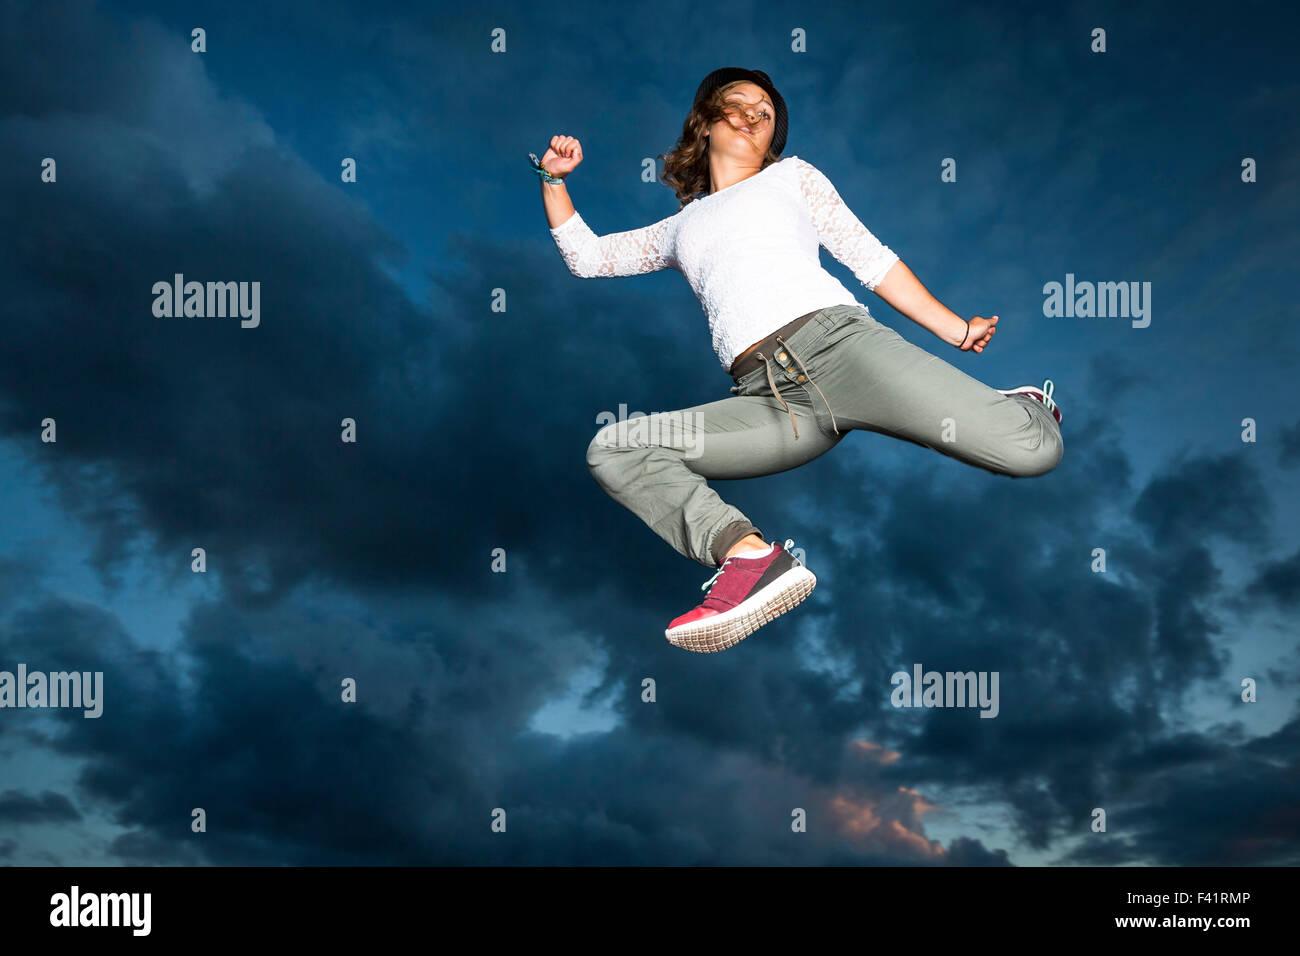 Jeune femme, 19 ans, à l'élastique, à la mi-air, contre le ciel du soir Photo Stock